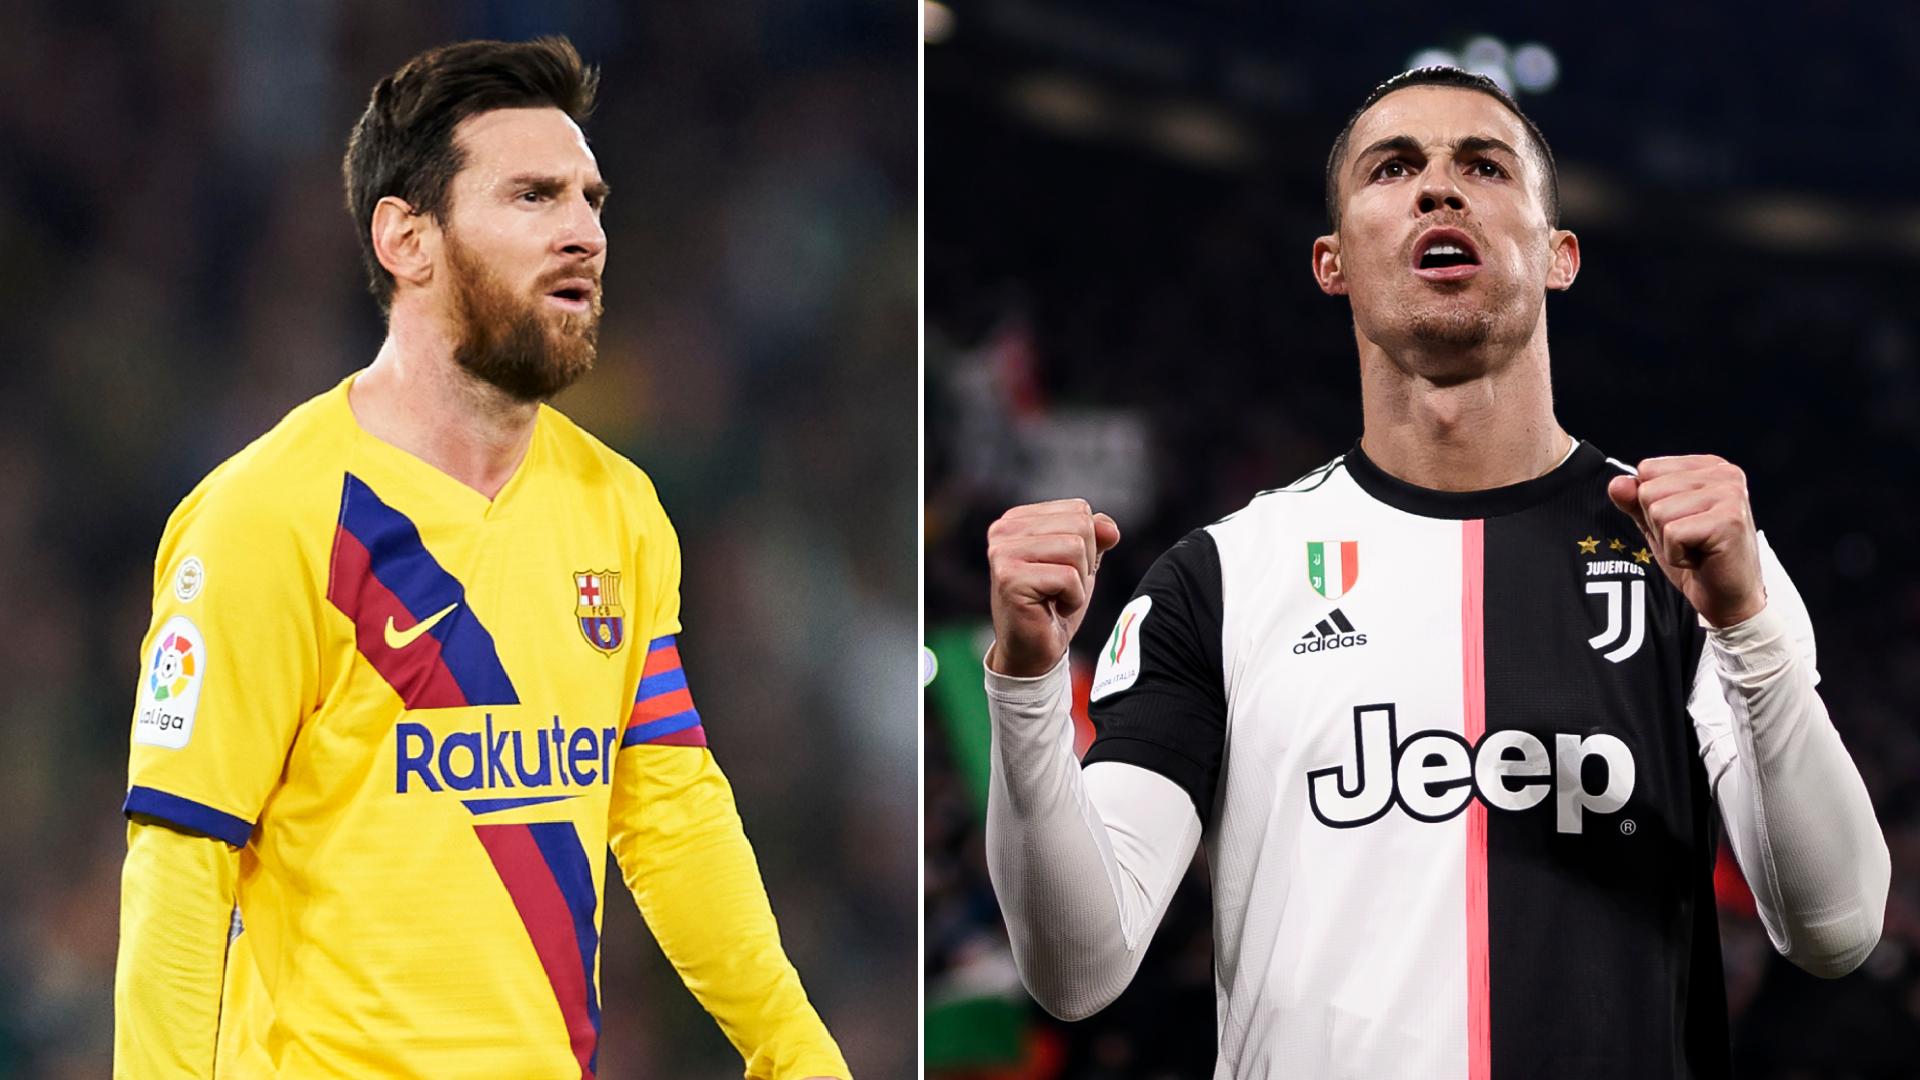 Messi vs Ronaldo: Kylian Mbappé reveals his role model